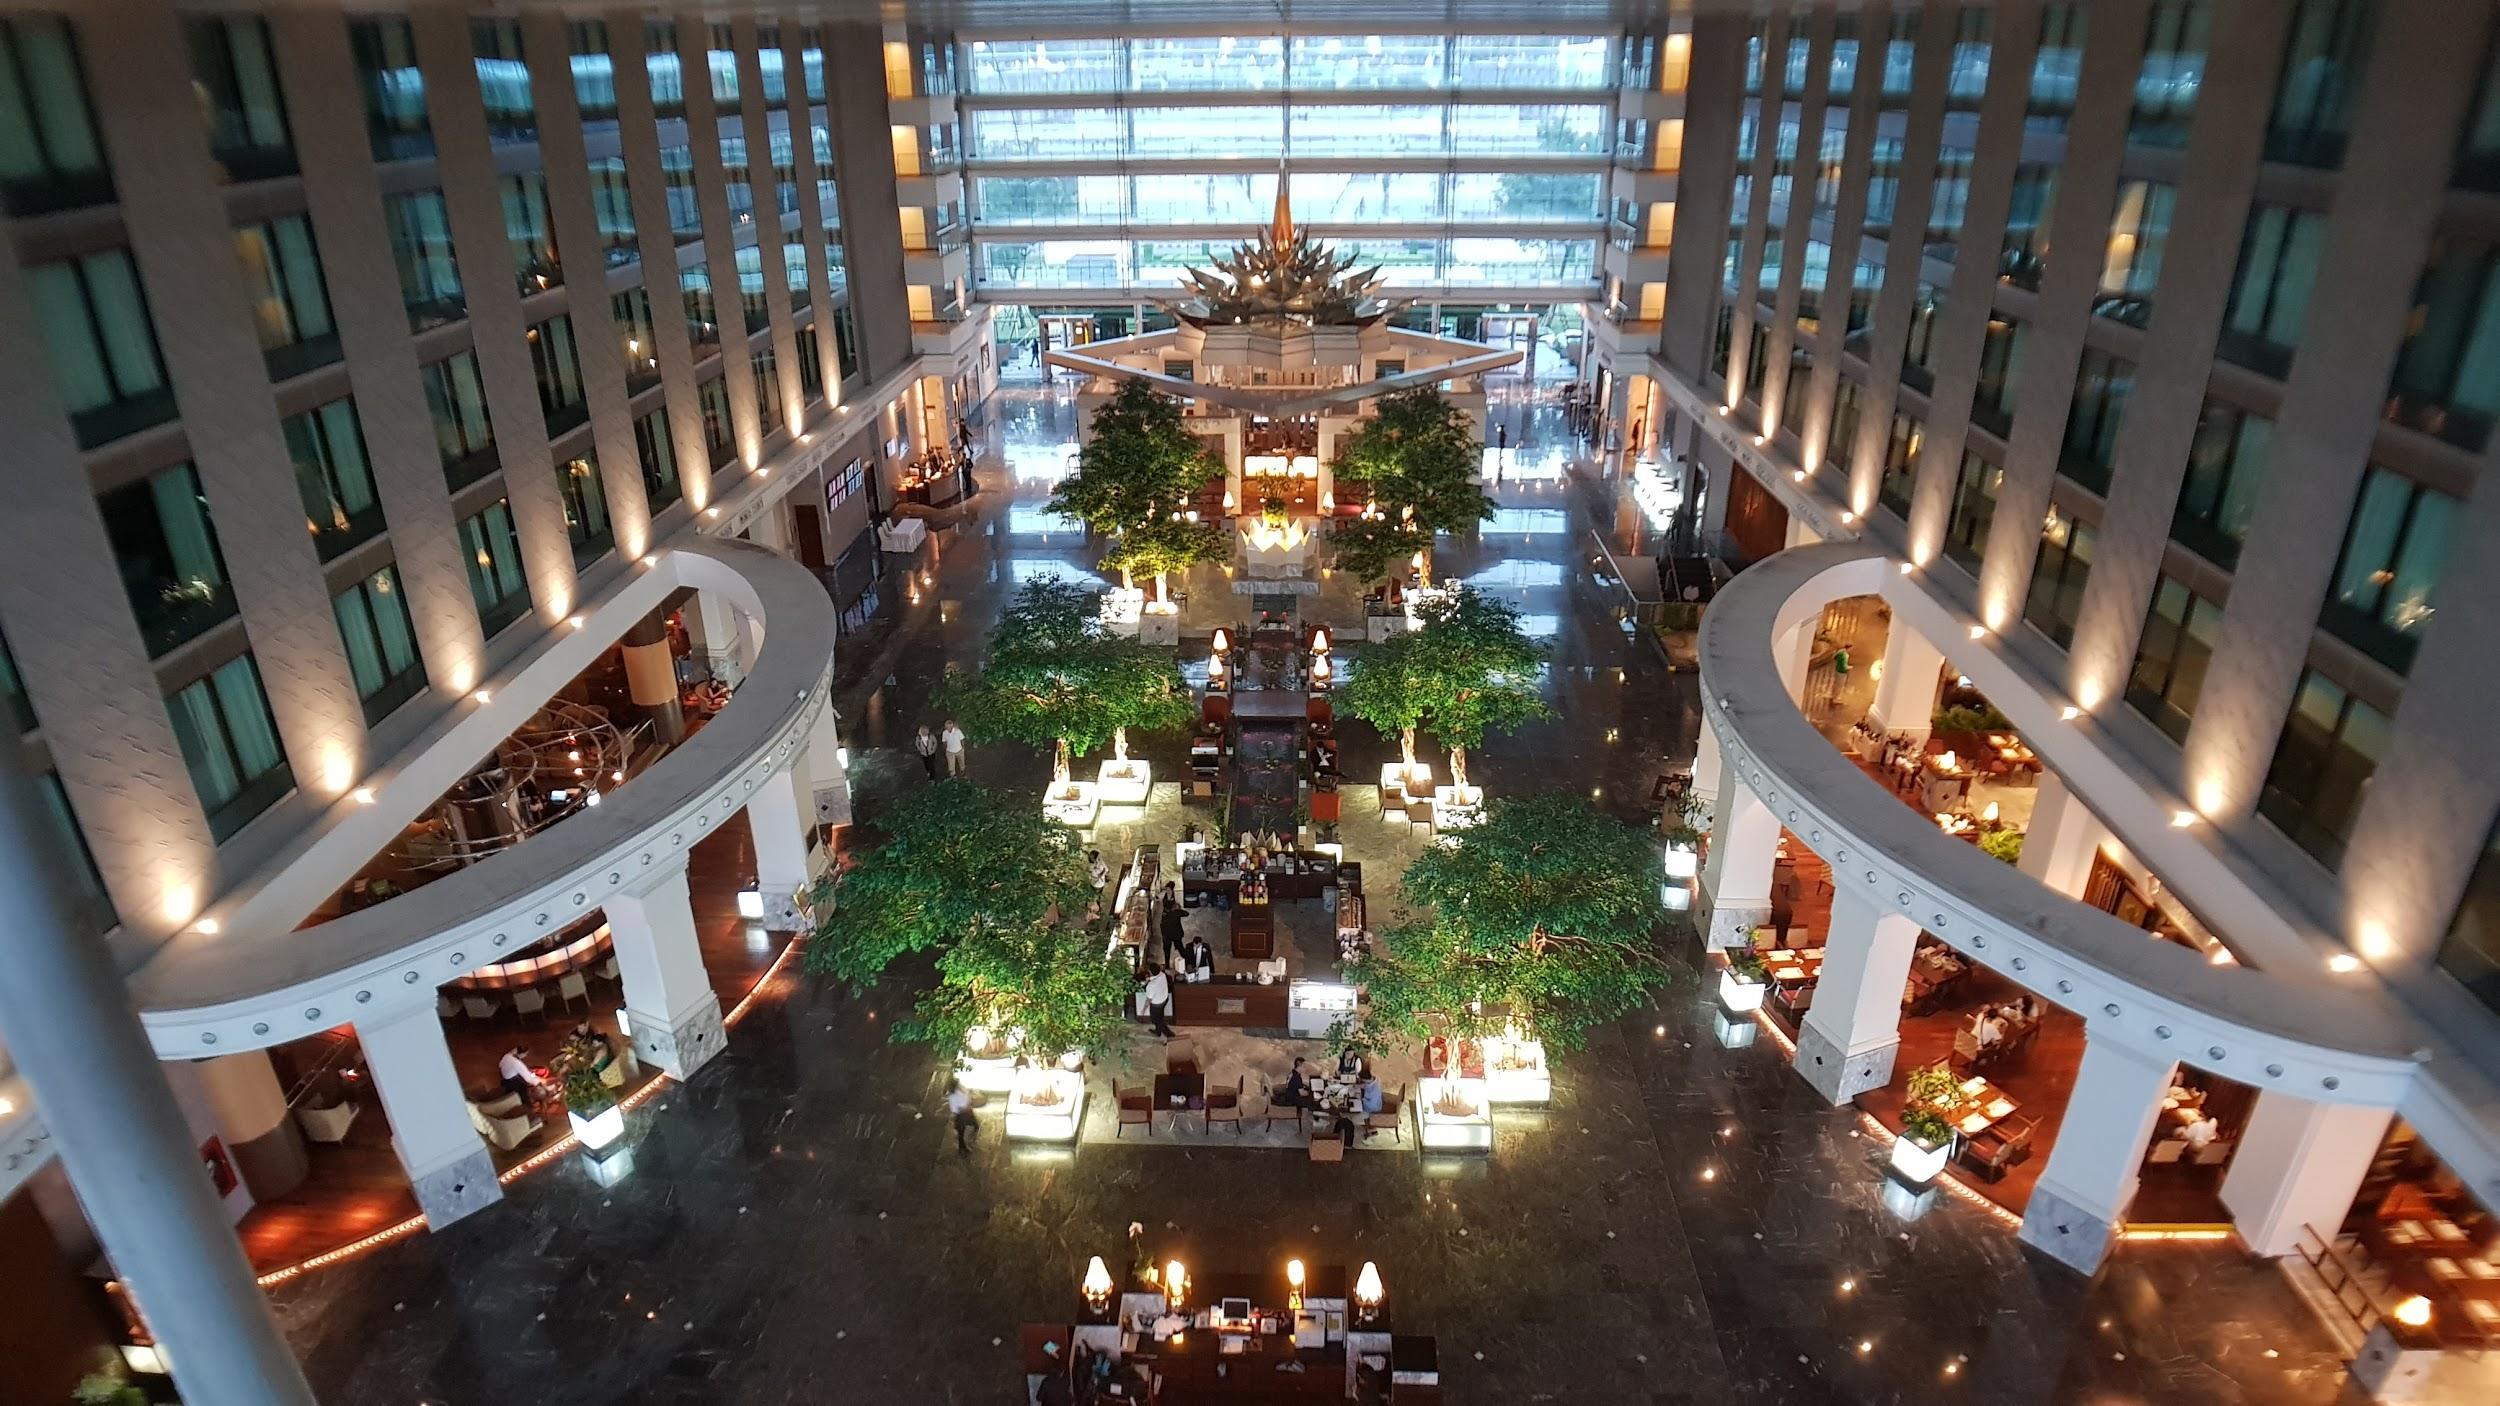 Novotel Bangkok Suvarnabhumi Airport atrium lobby